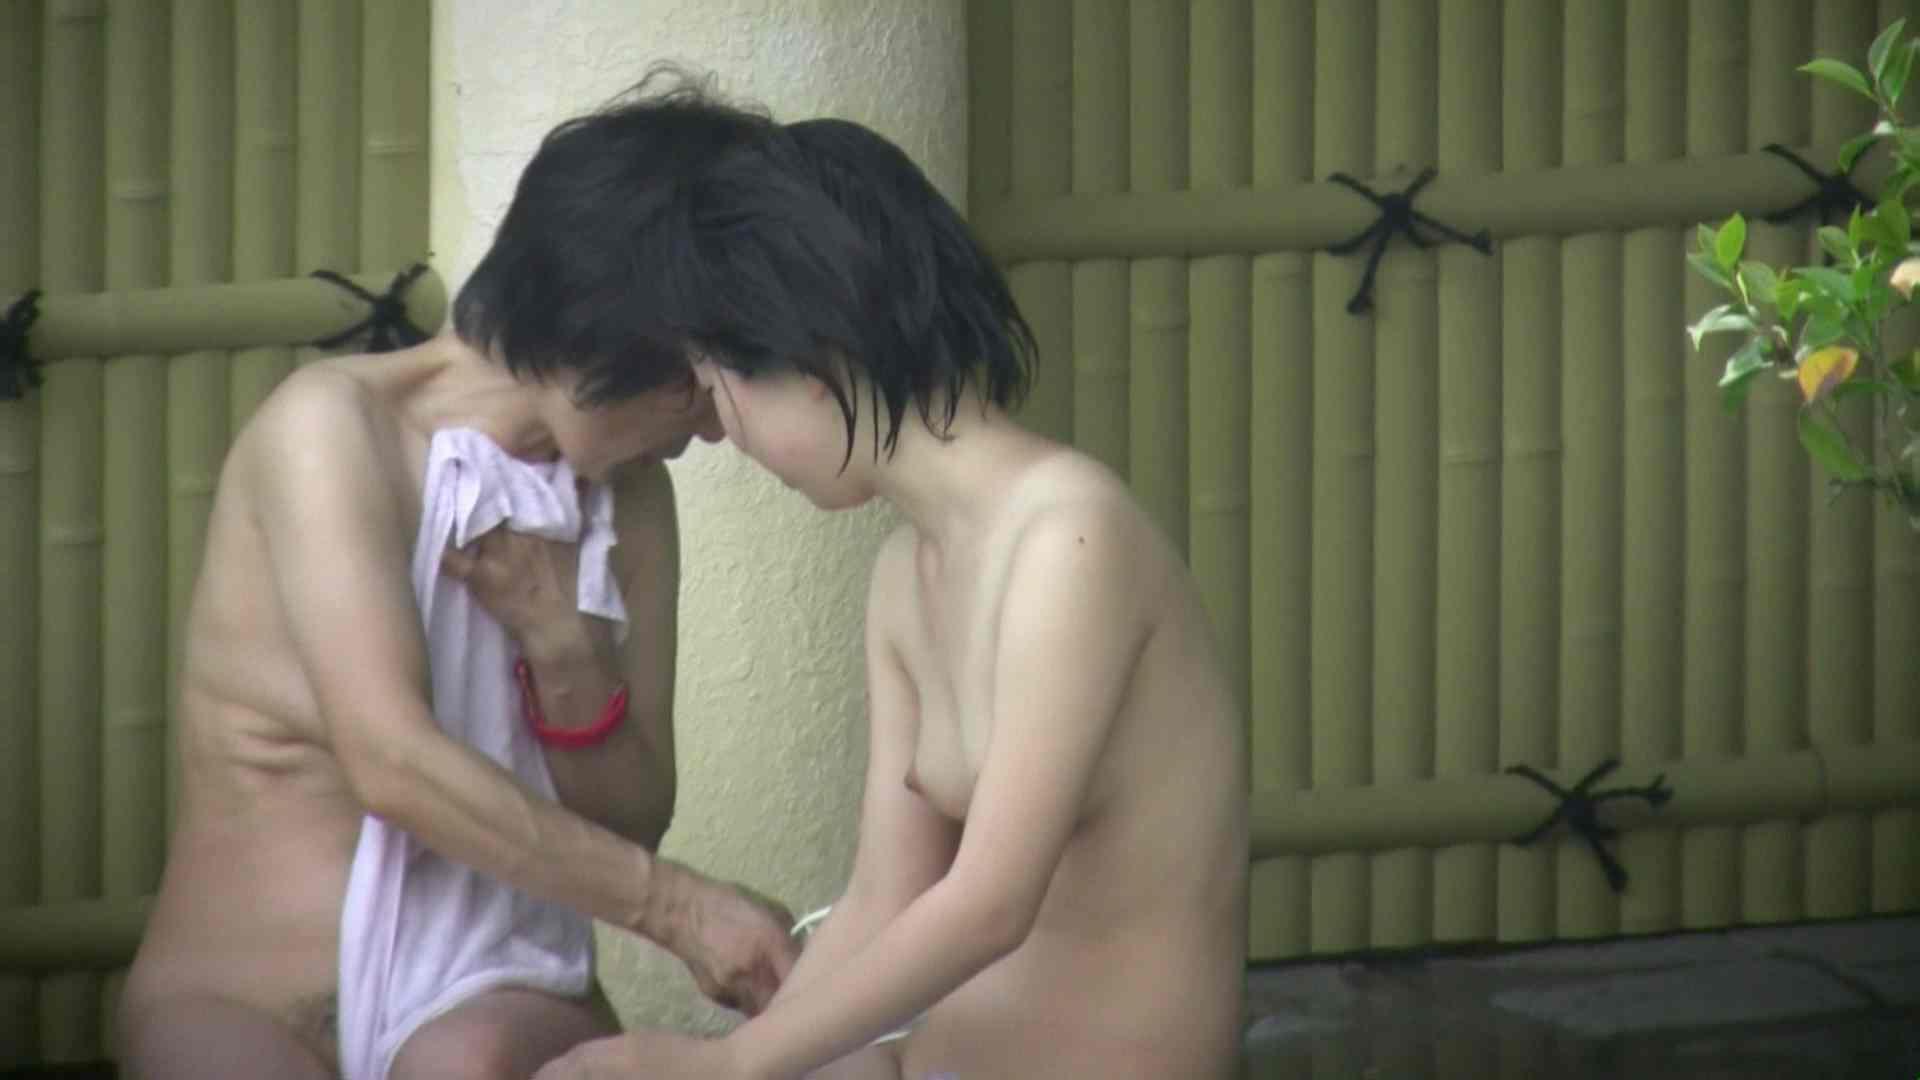 Aquaな露天風呂Vol.06【VIP】 盗撮  113PICs 111